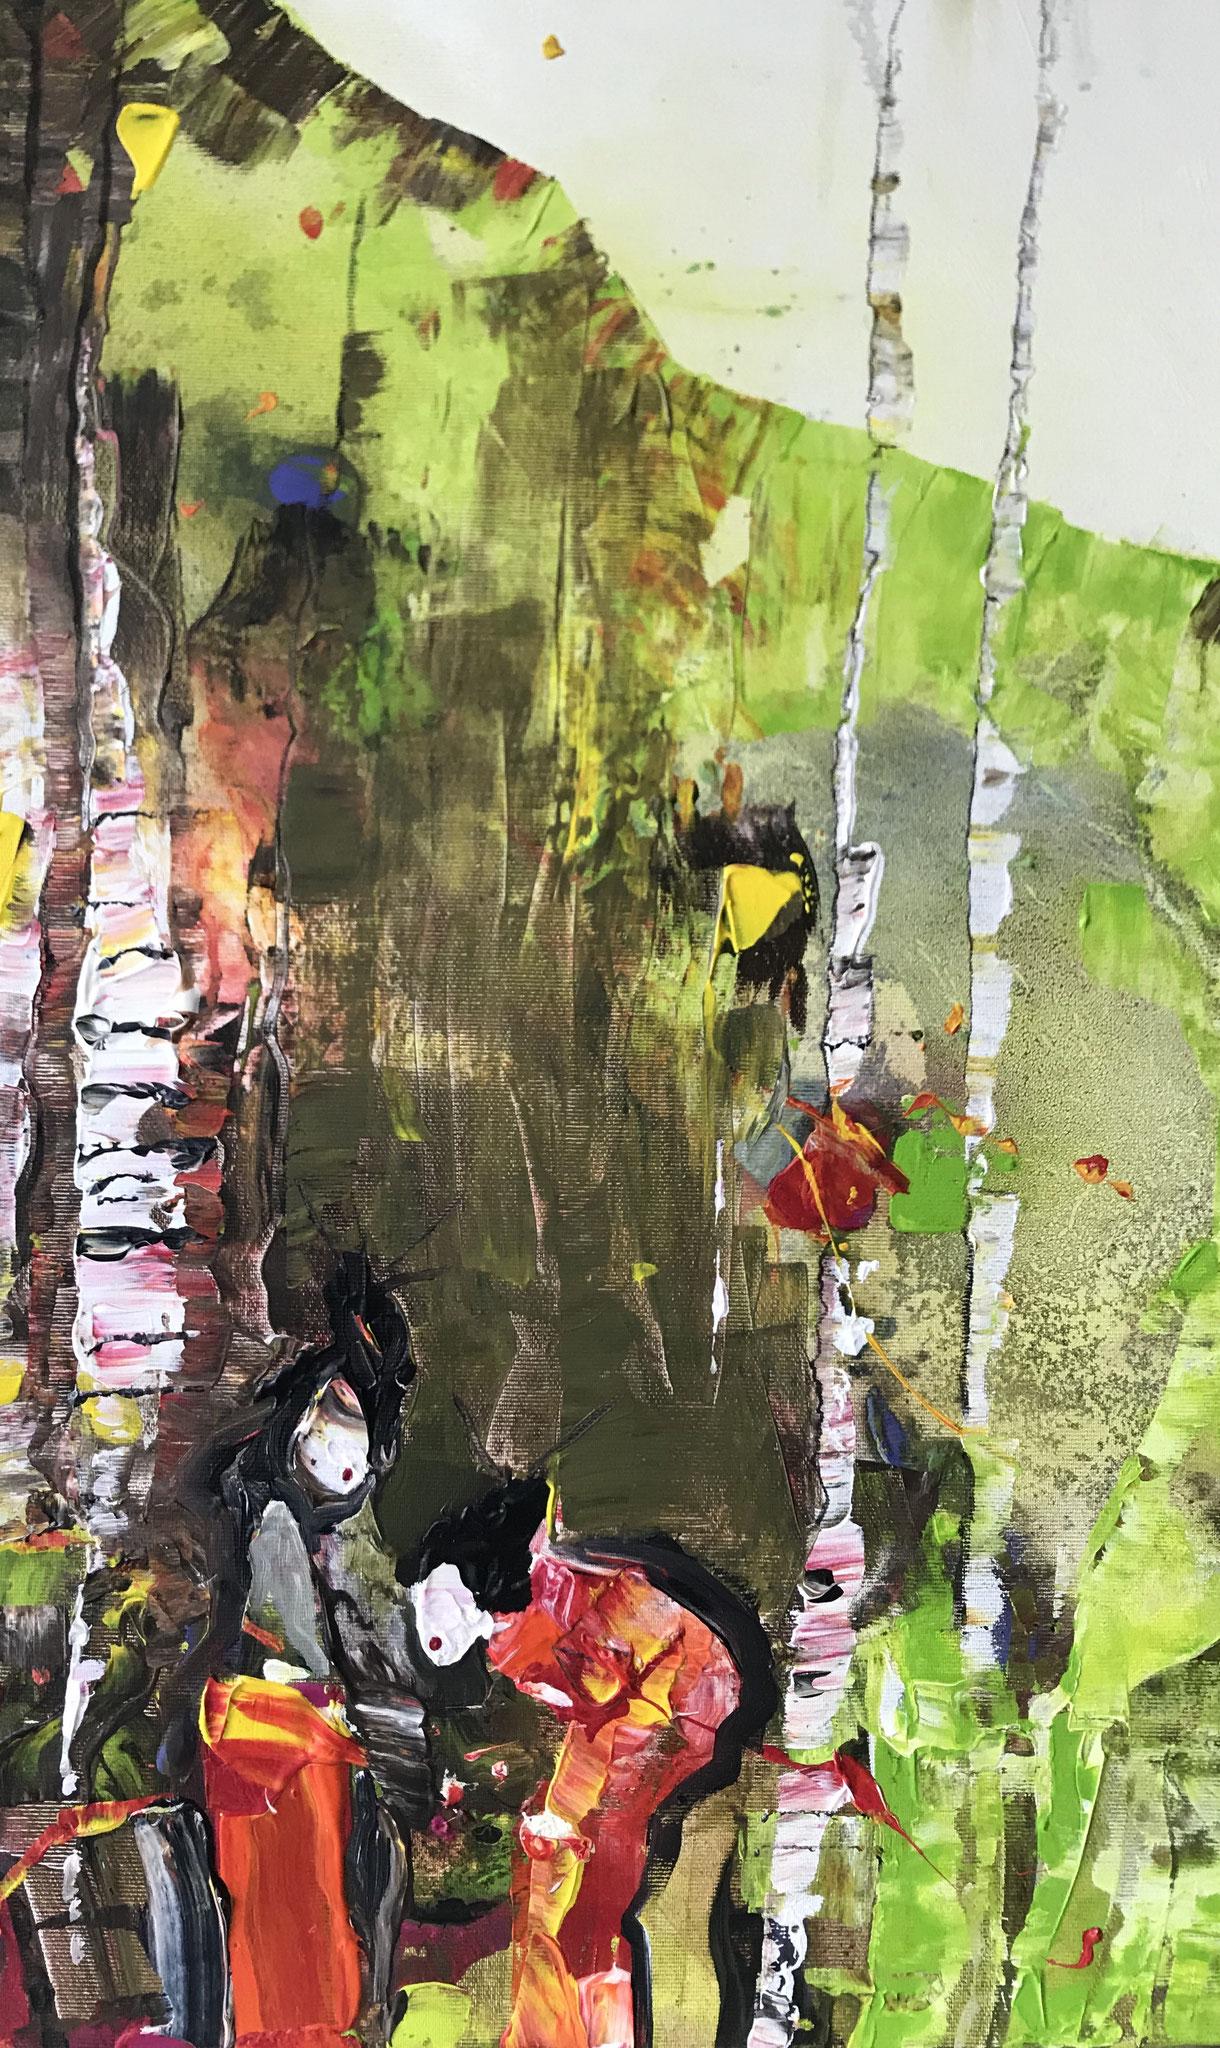 Die Geishas im Birkenhain auf Leinwand, 80 x 40 cm